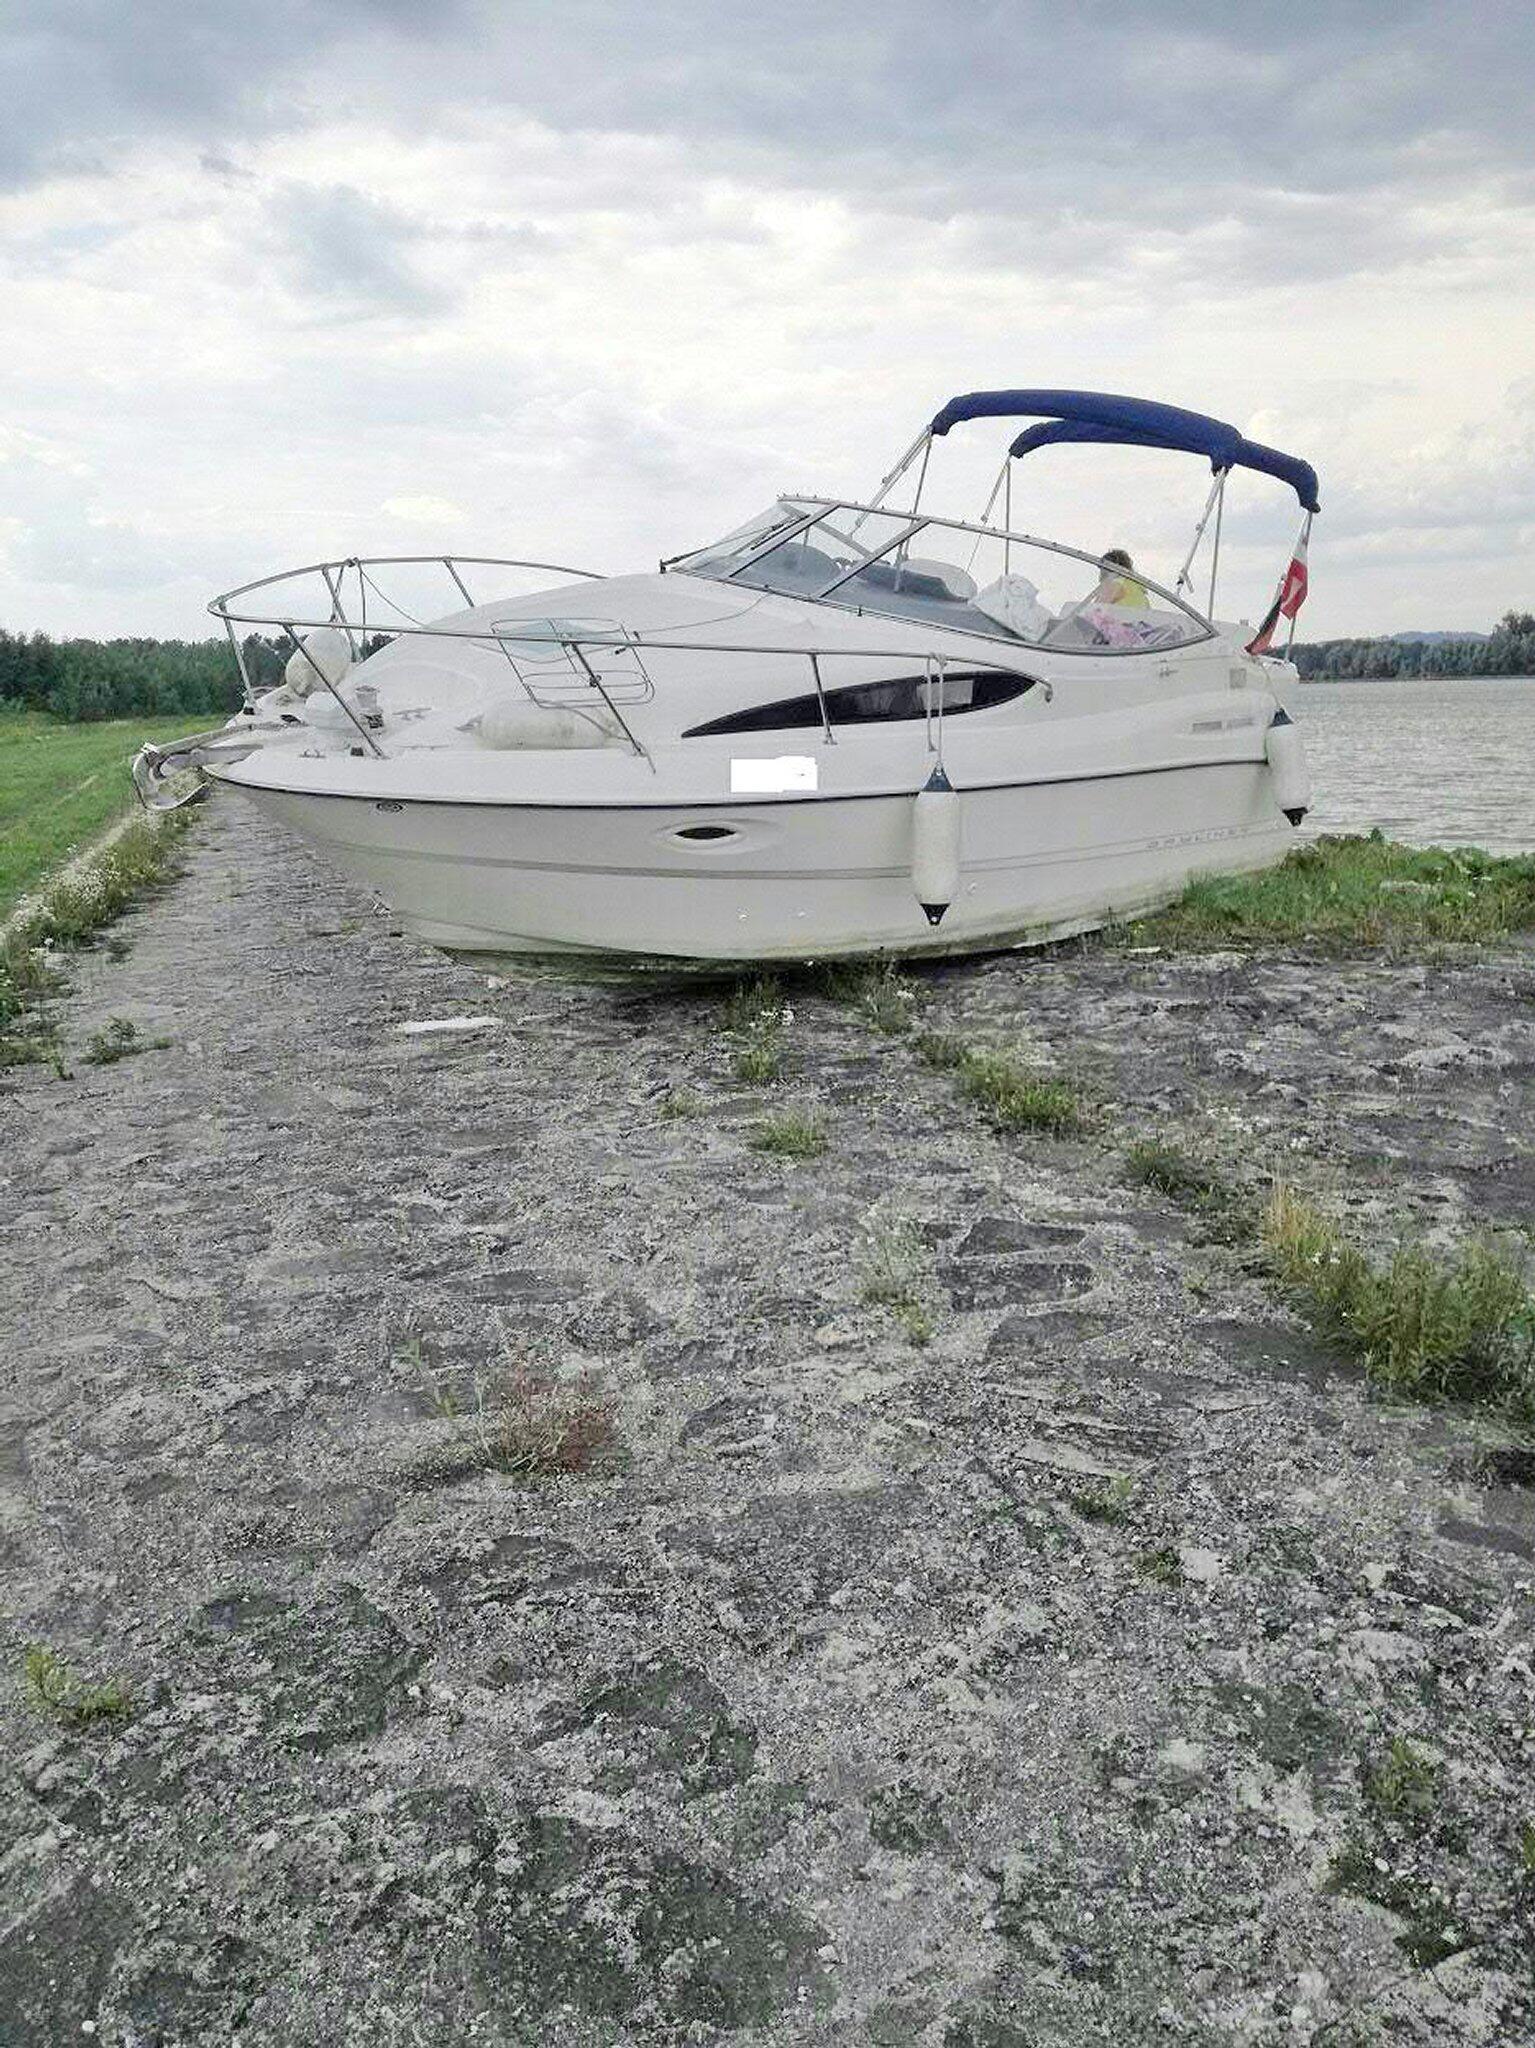 Bild zu Sportboot rutscht auf Radweg